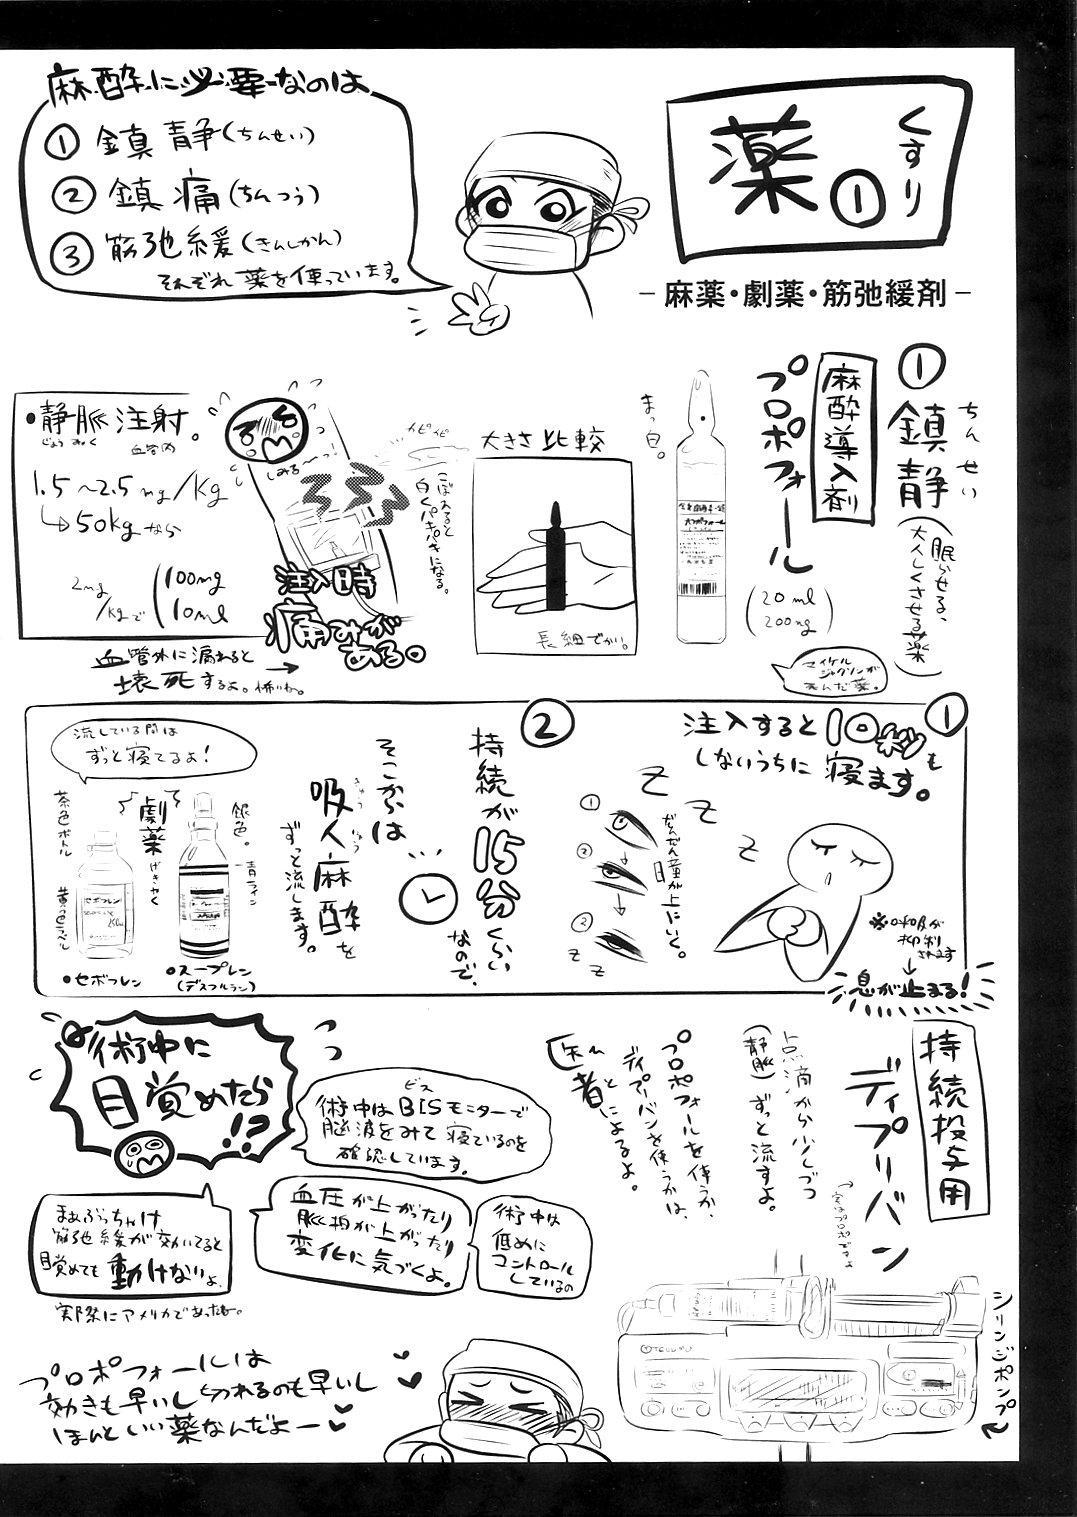 Ryonara no Tame no Kaibou Seiri 19